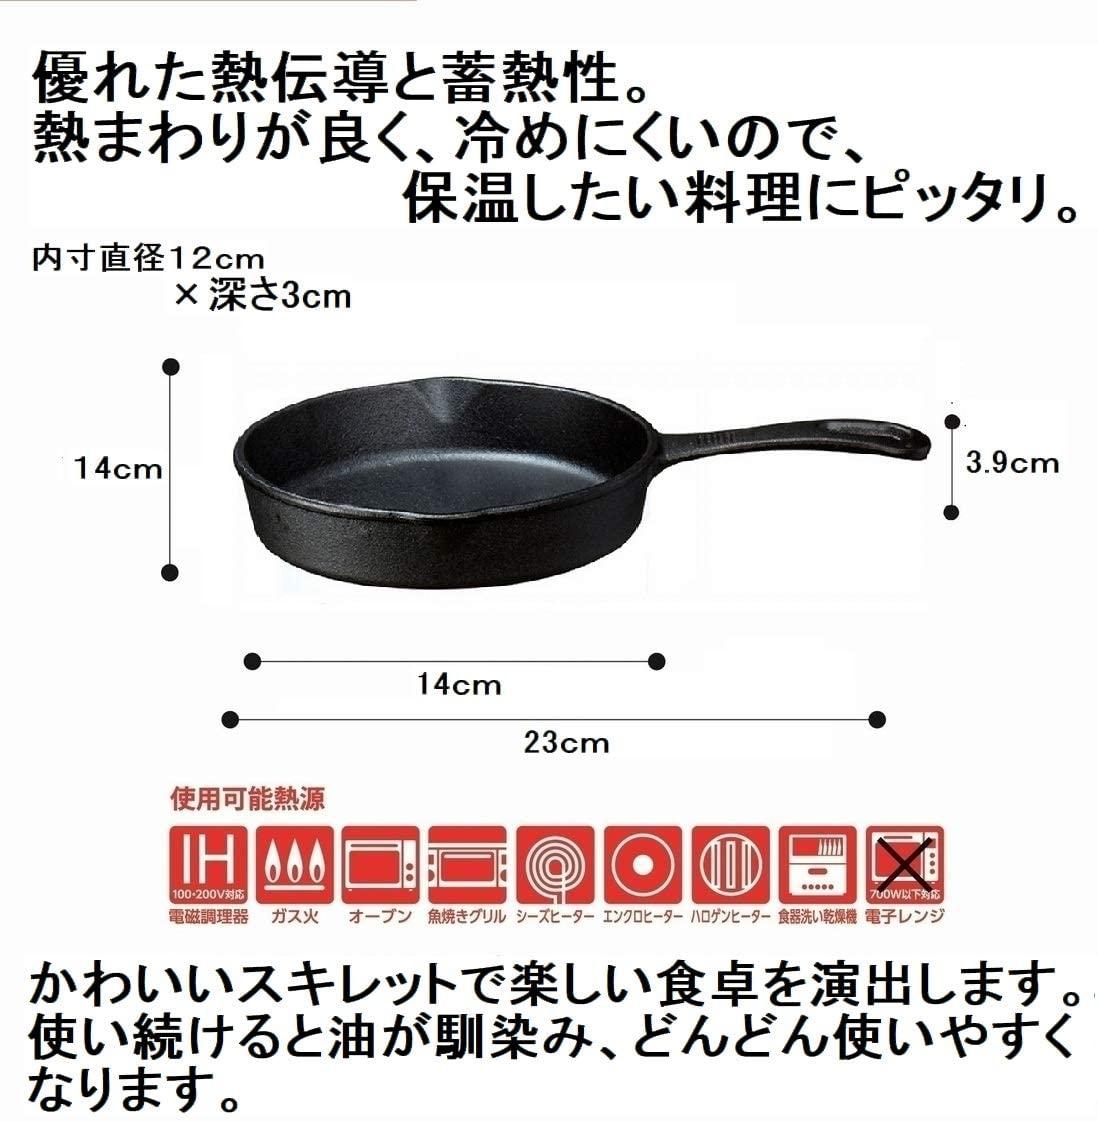 イシガキ産業(いしがきさんぎょう)スキレット 12cmの商品画像3